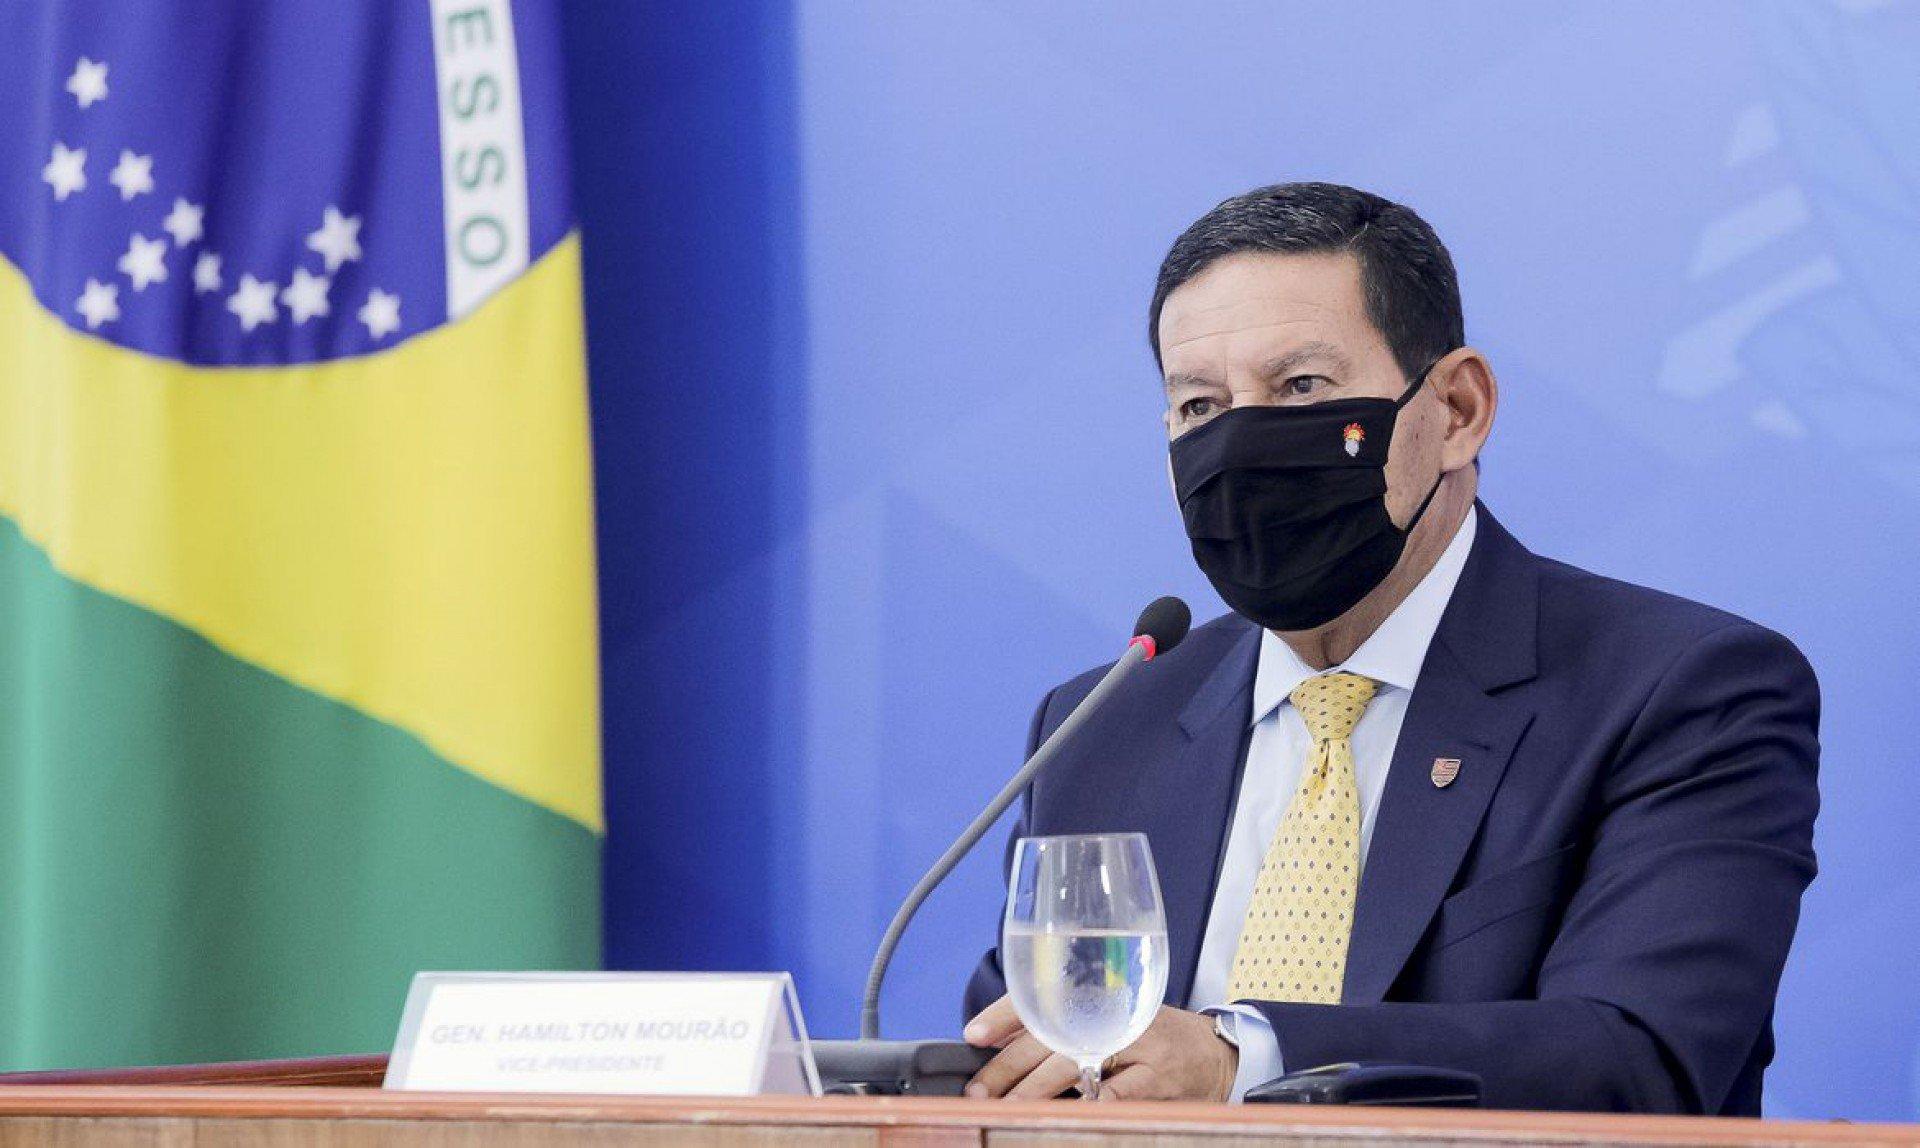 Investidores esperam resultados da política ambiental, diz Mourão ...